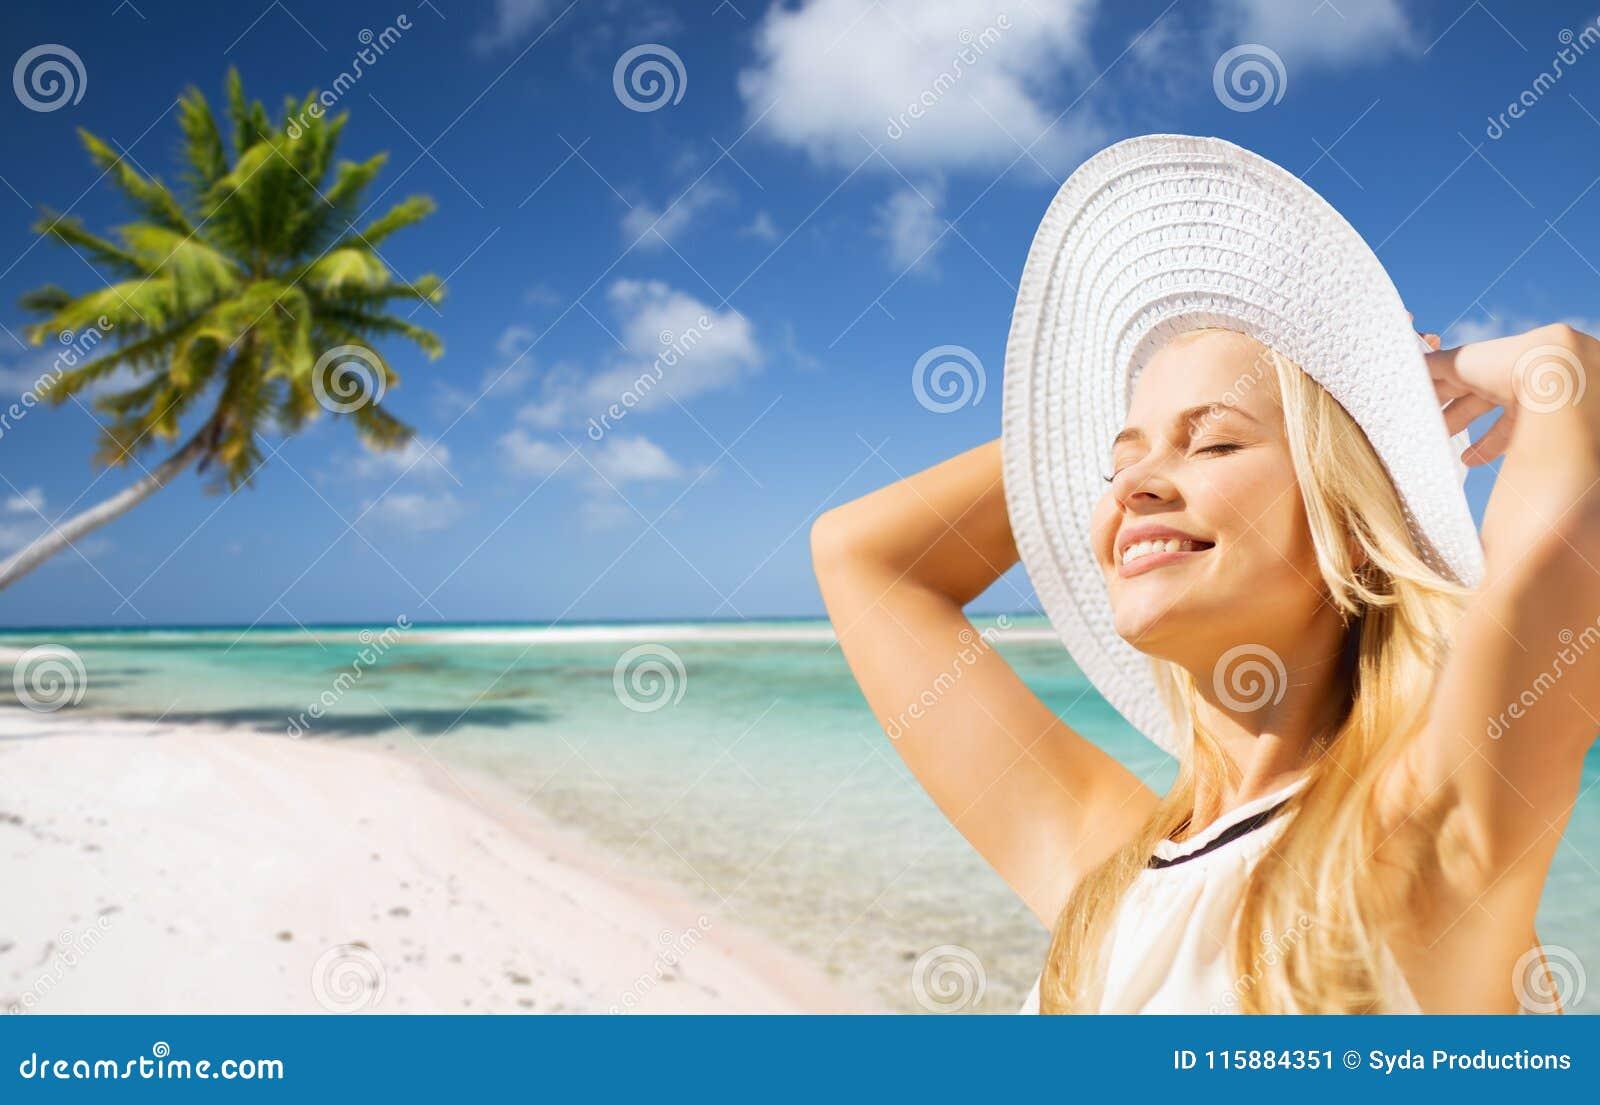 Όμορφη γυναίκα που απολαμβάνει το καλοκαίρι πέρα από την παραλία